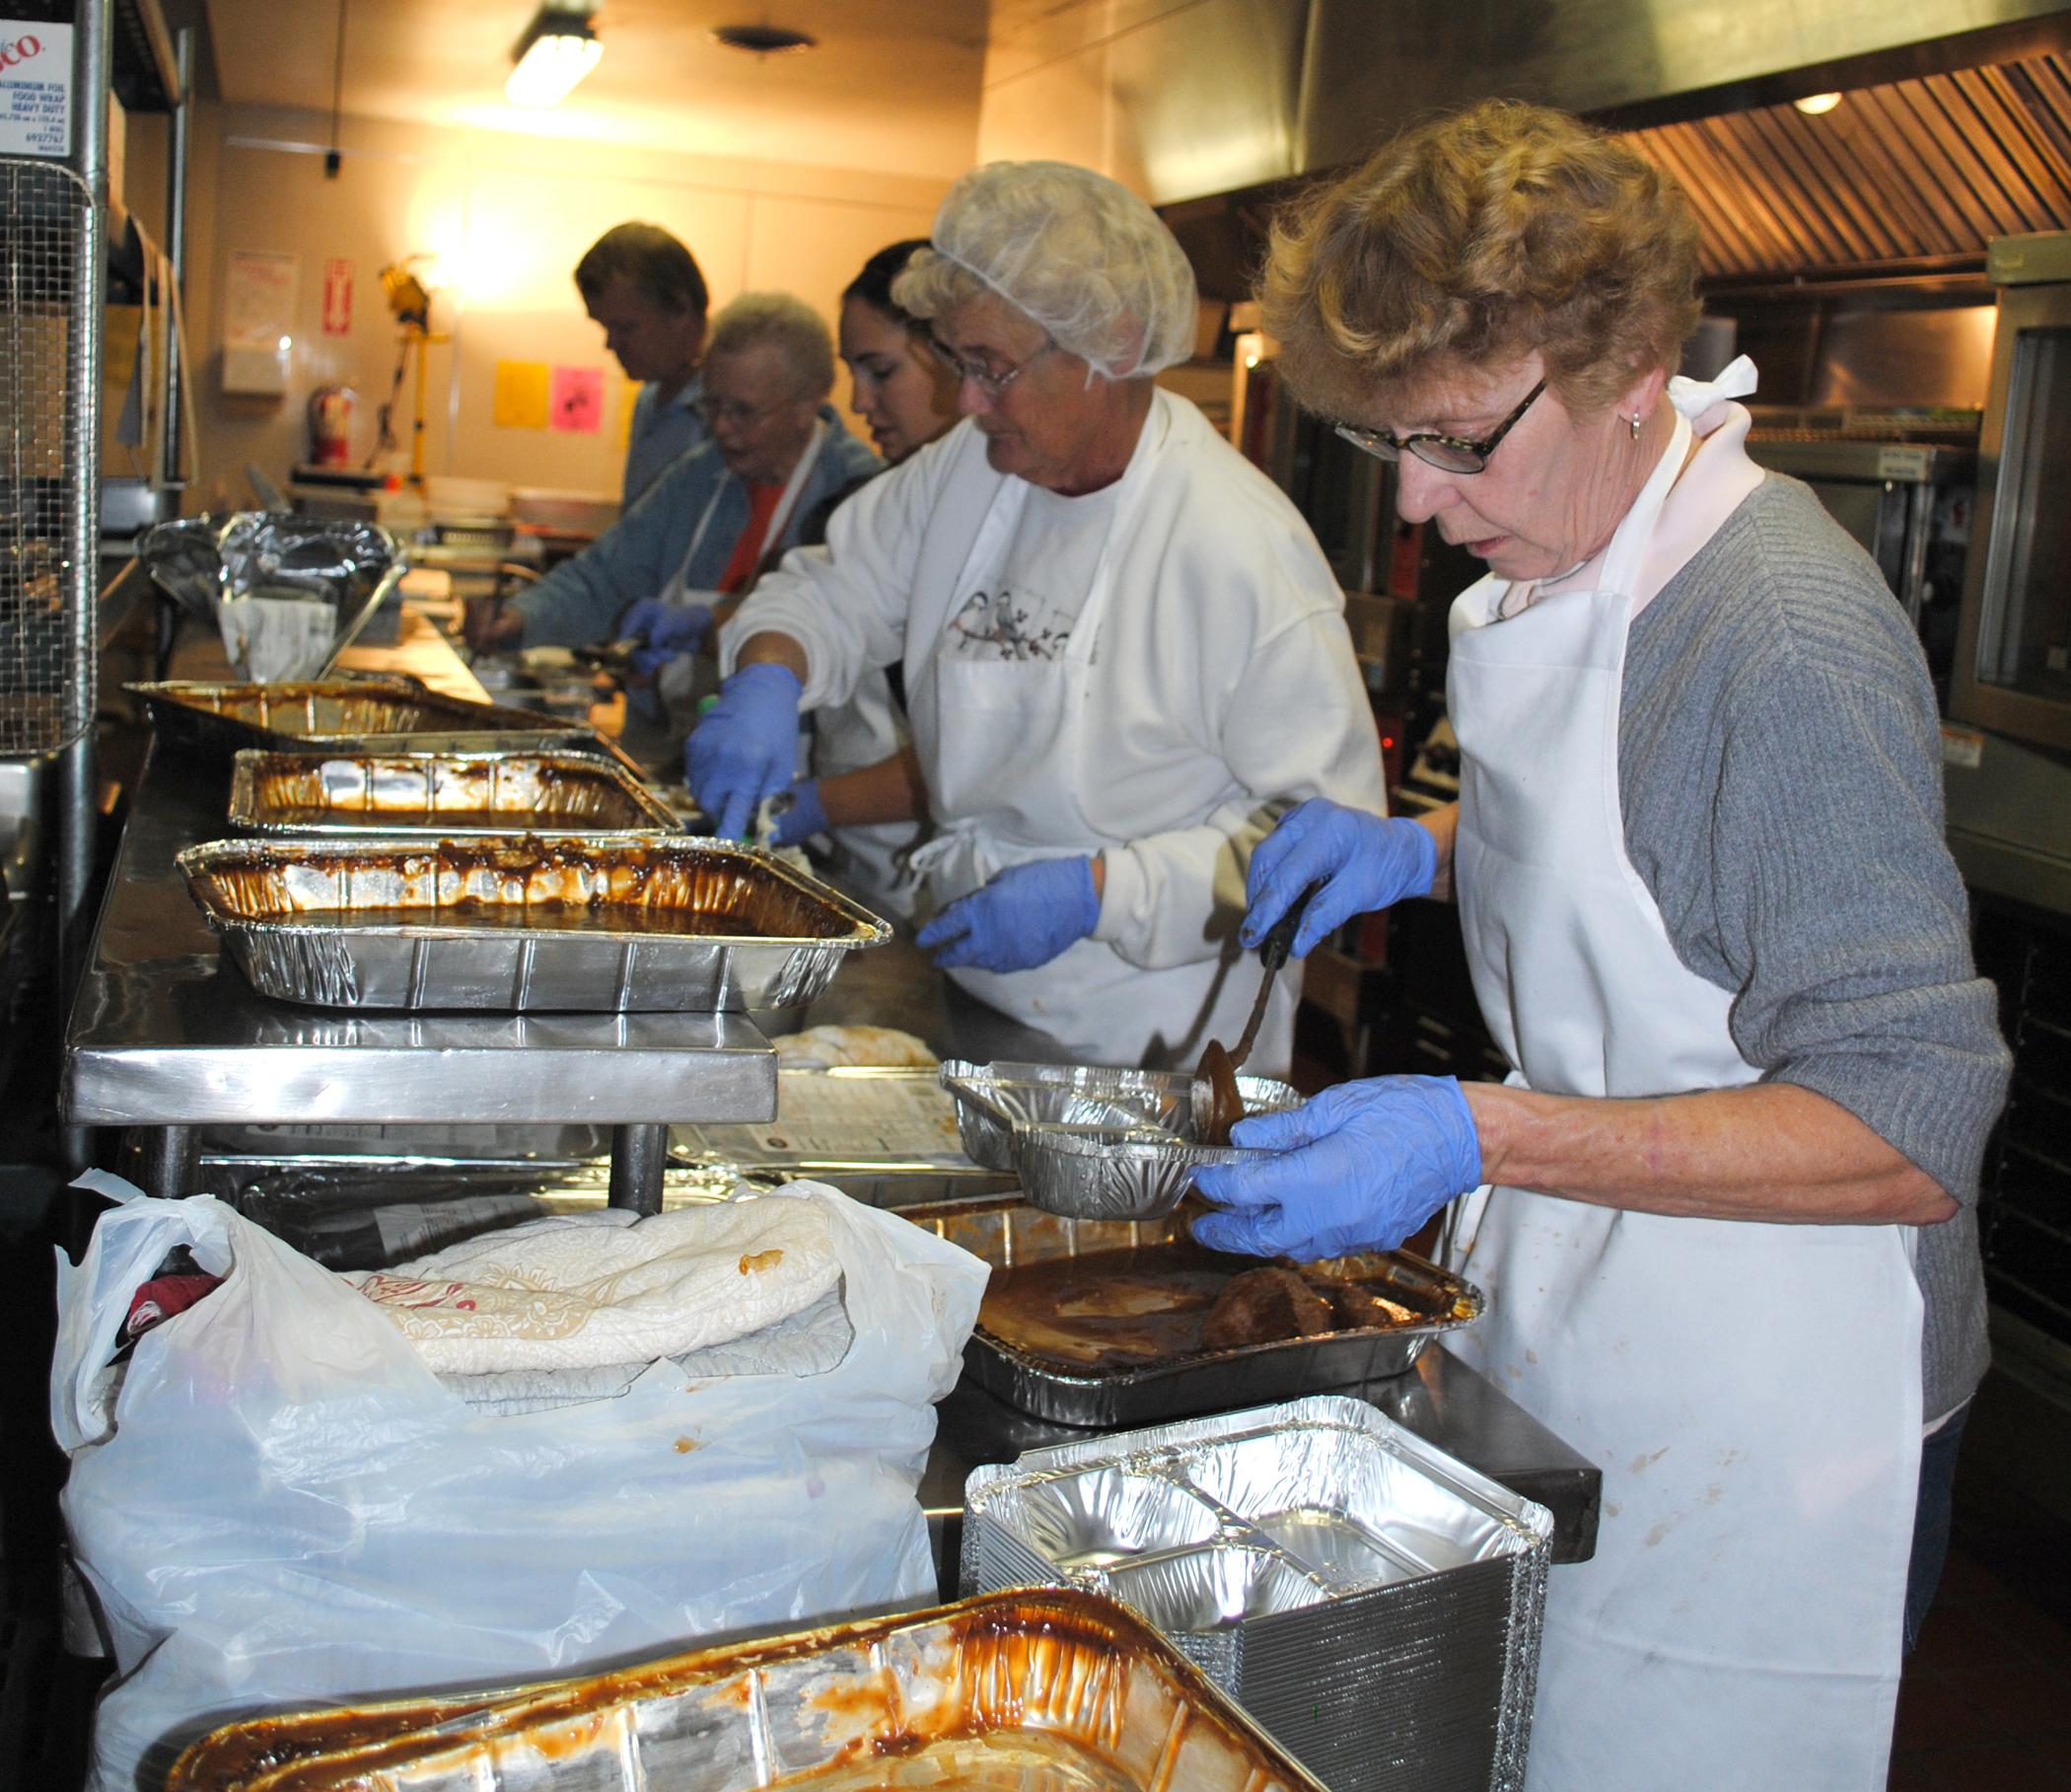 Meals_on_Wheels_food_prepfot.Wikimedia.jpg